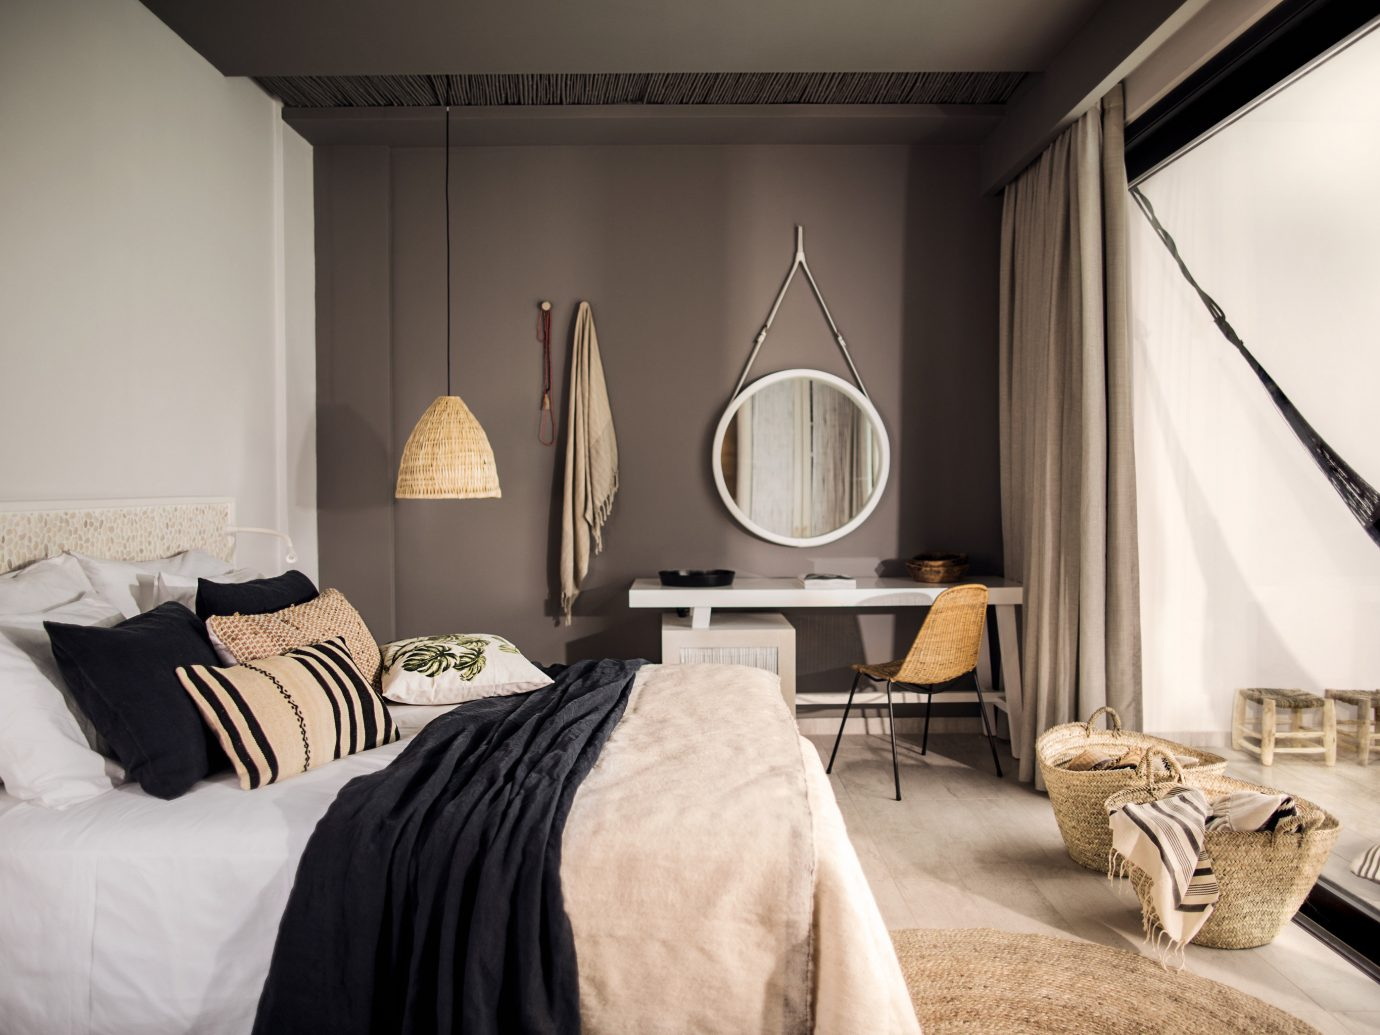 Hotels indoor wall room bed Bedroom property home interior design living room hotel Suite Design furniture estate cottage